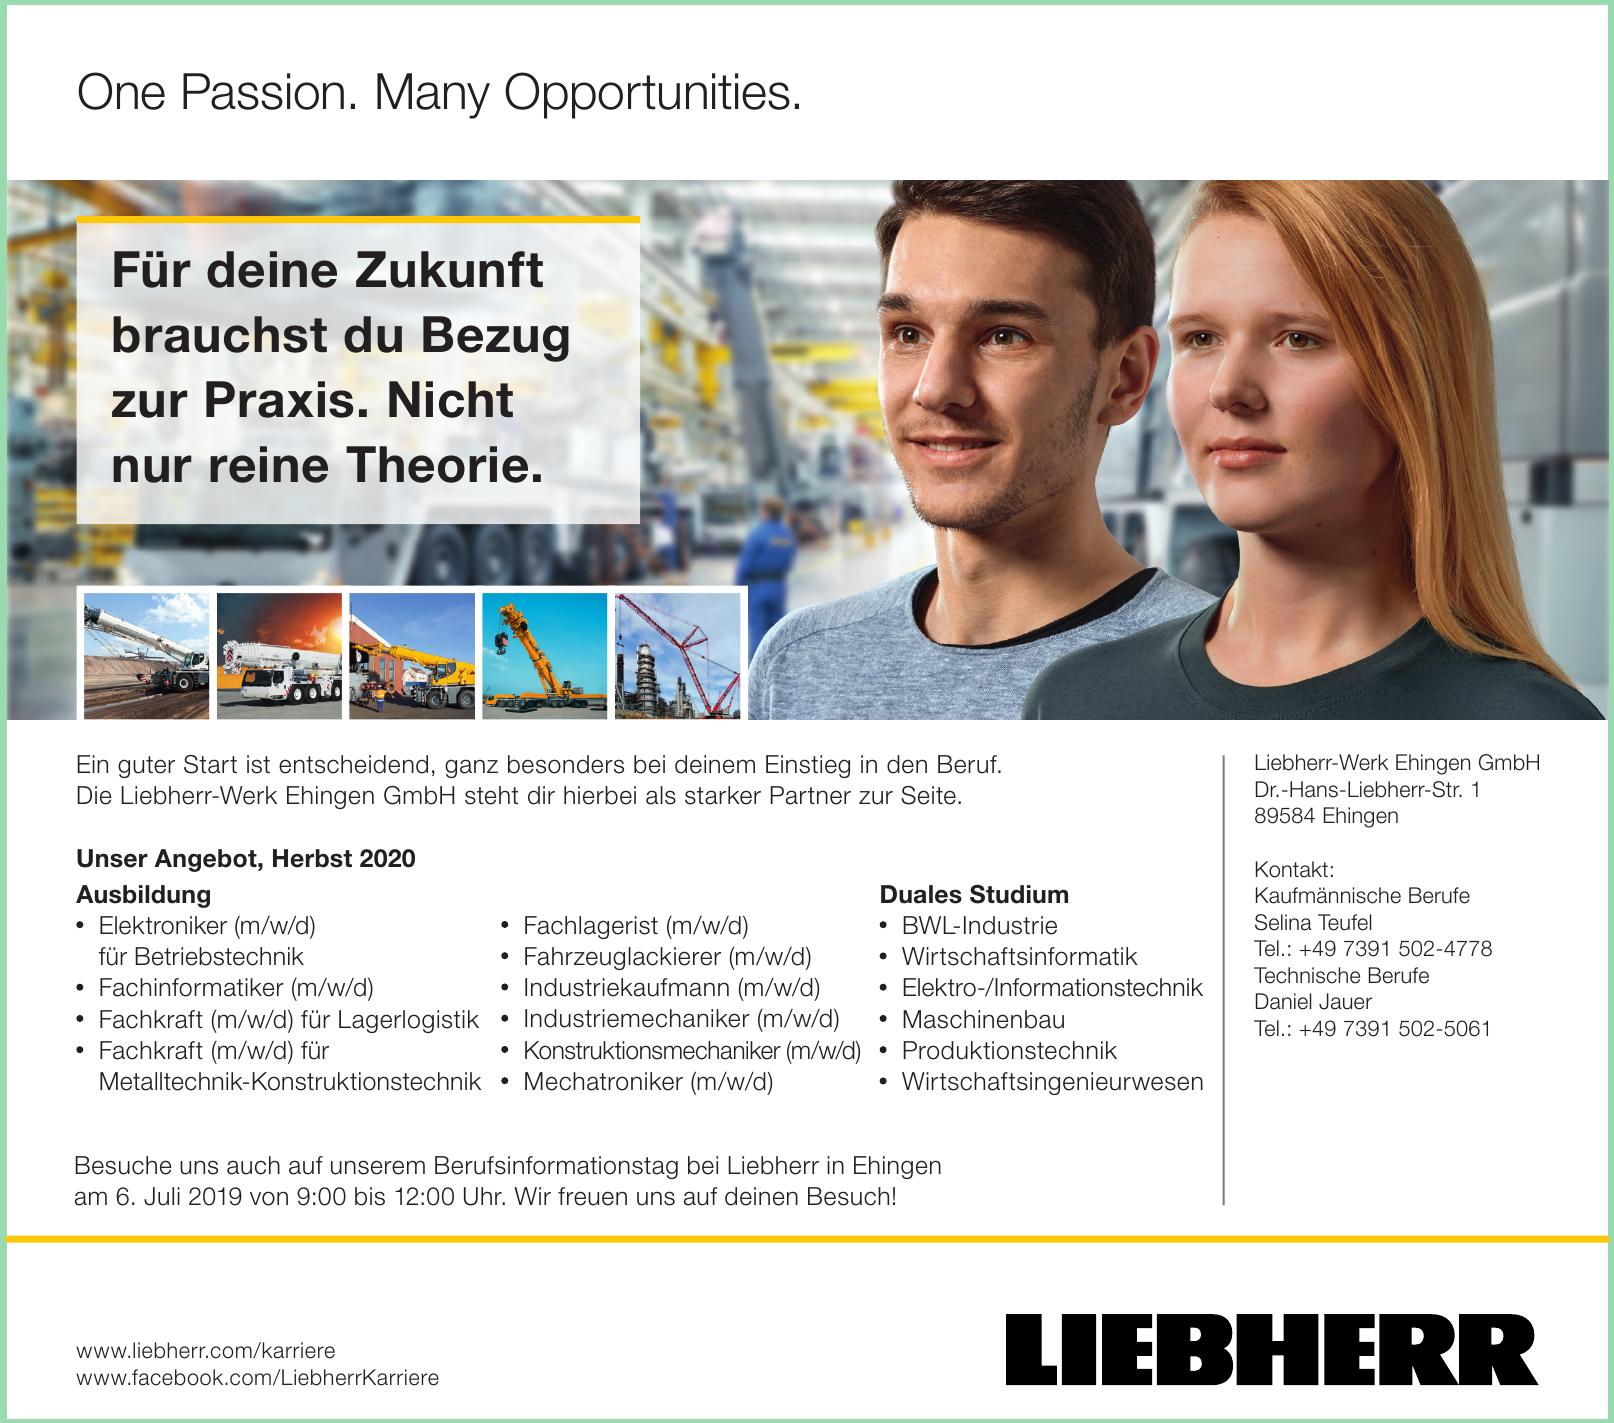 Liebherr-Werk Ehingen GmbH